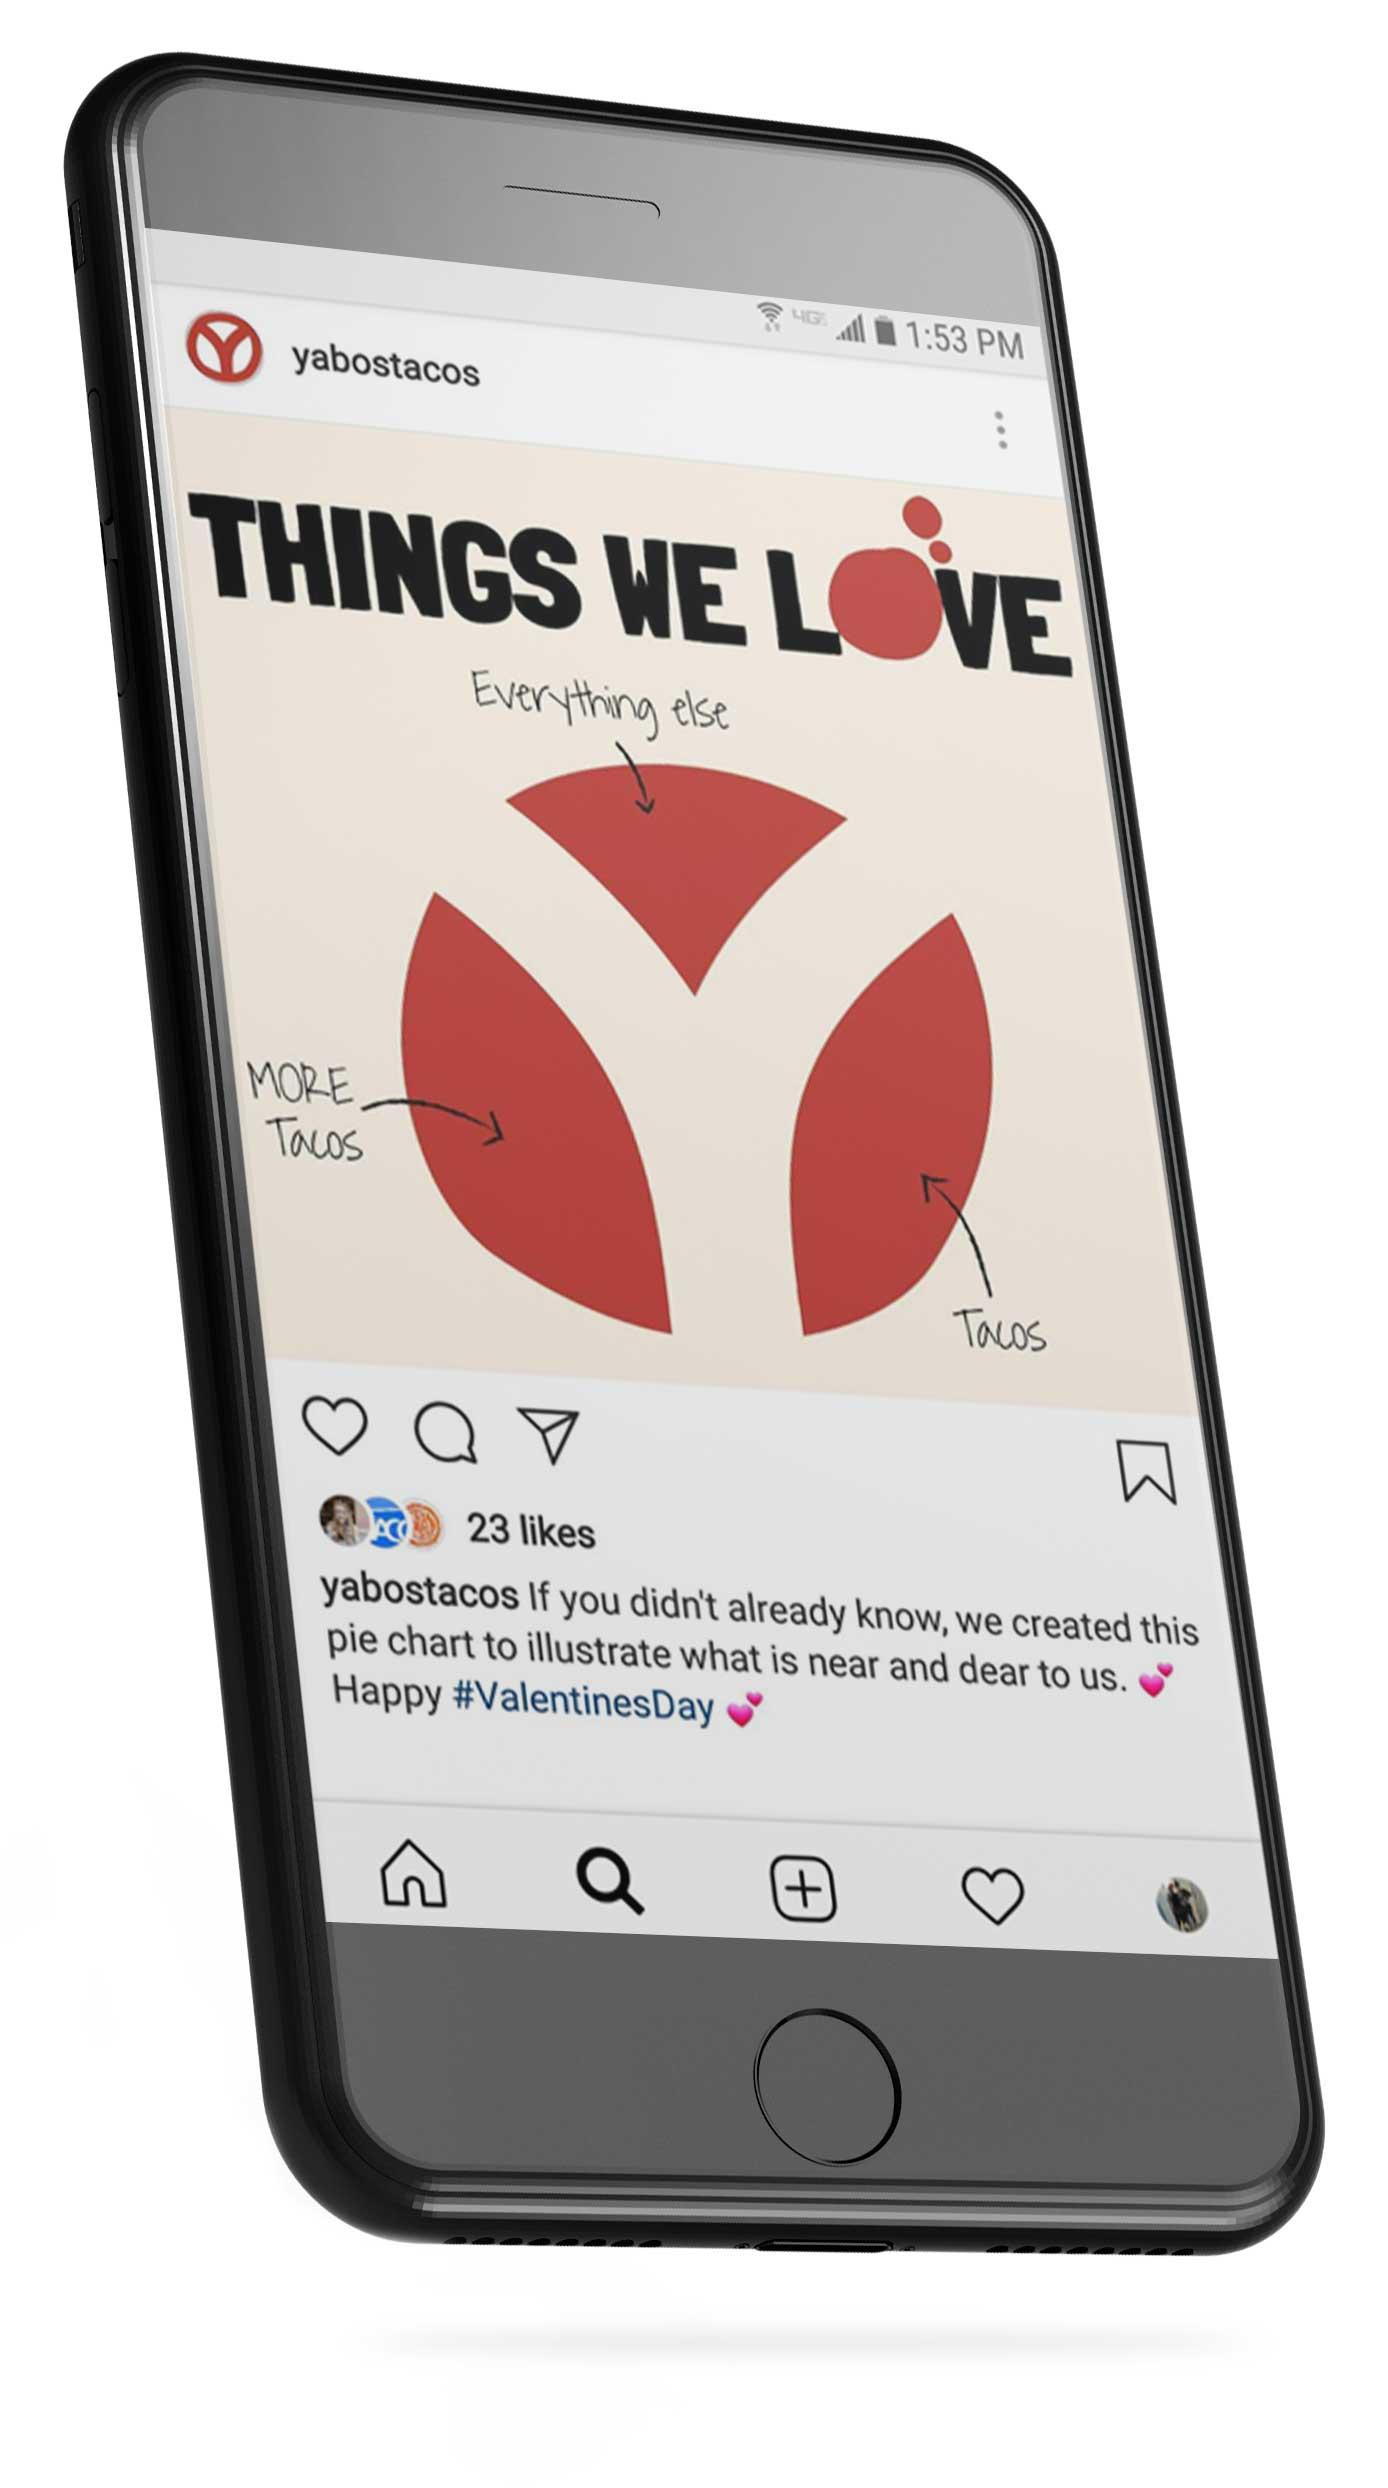 Yabos-Branding-Social-Media-5.jpg